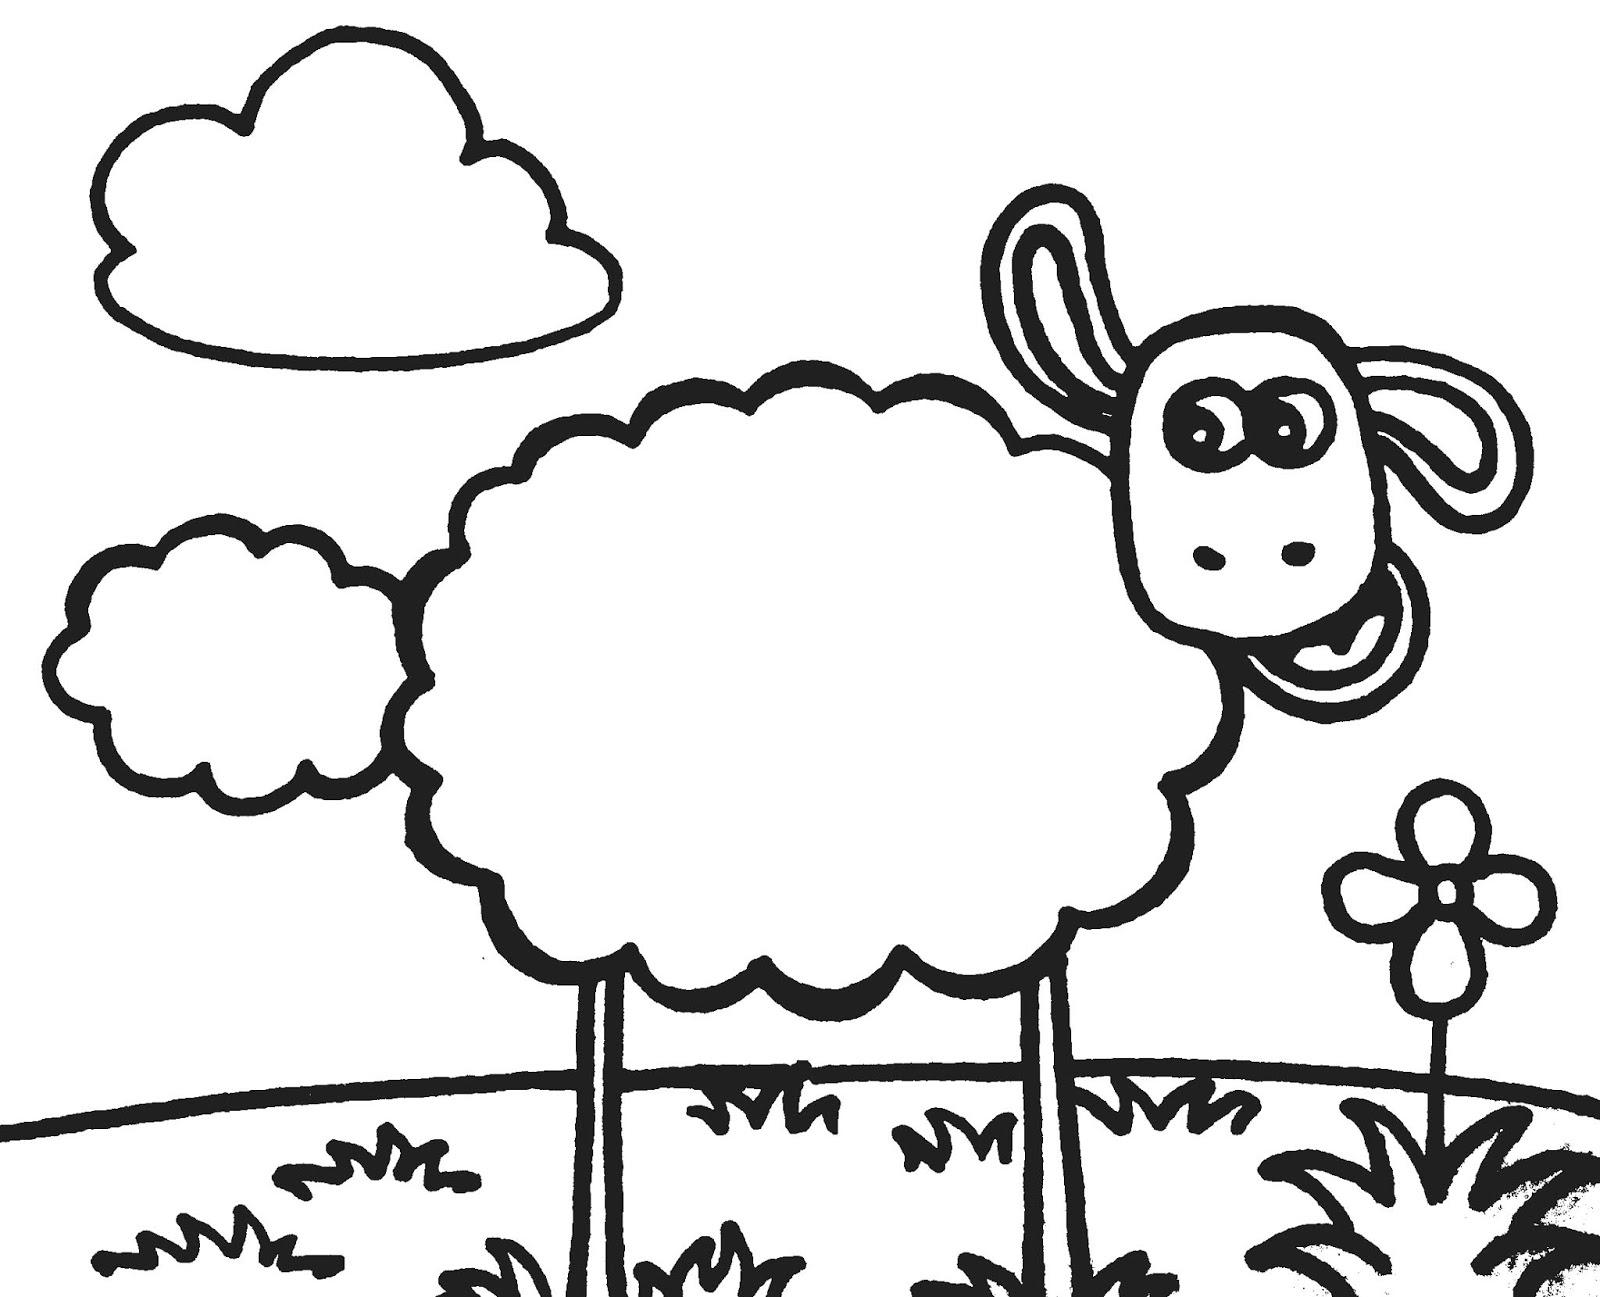 Contoh Gambar Gambar Domba Untuk Mewarnai   Kataucap inside Gambar Domba Mewarnai